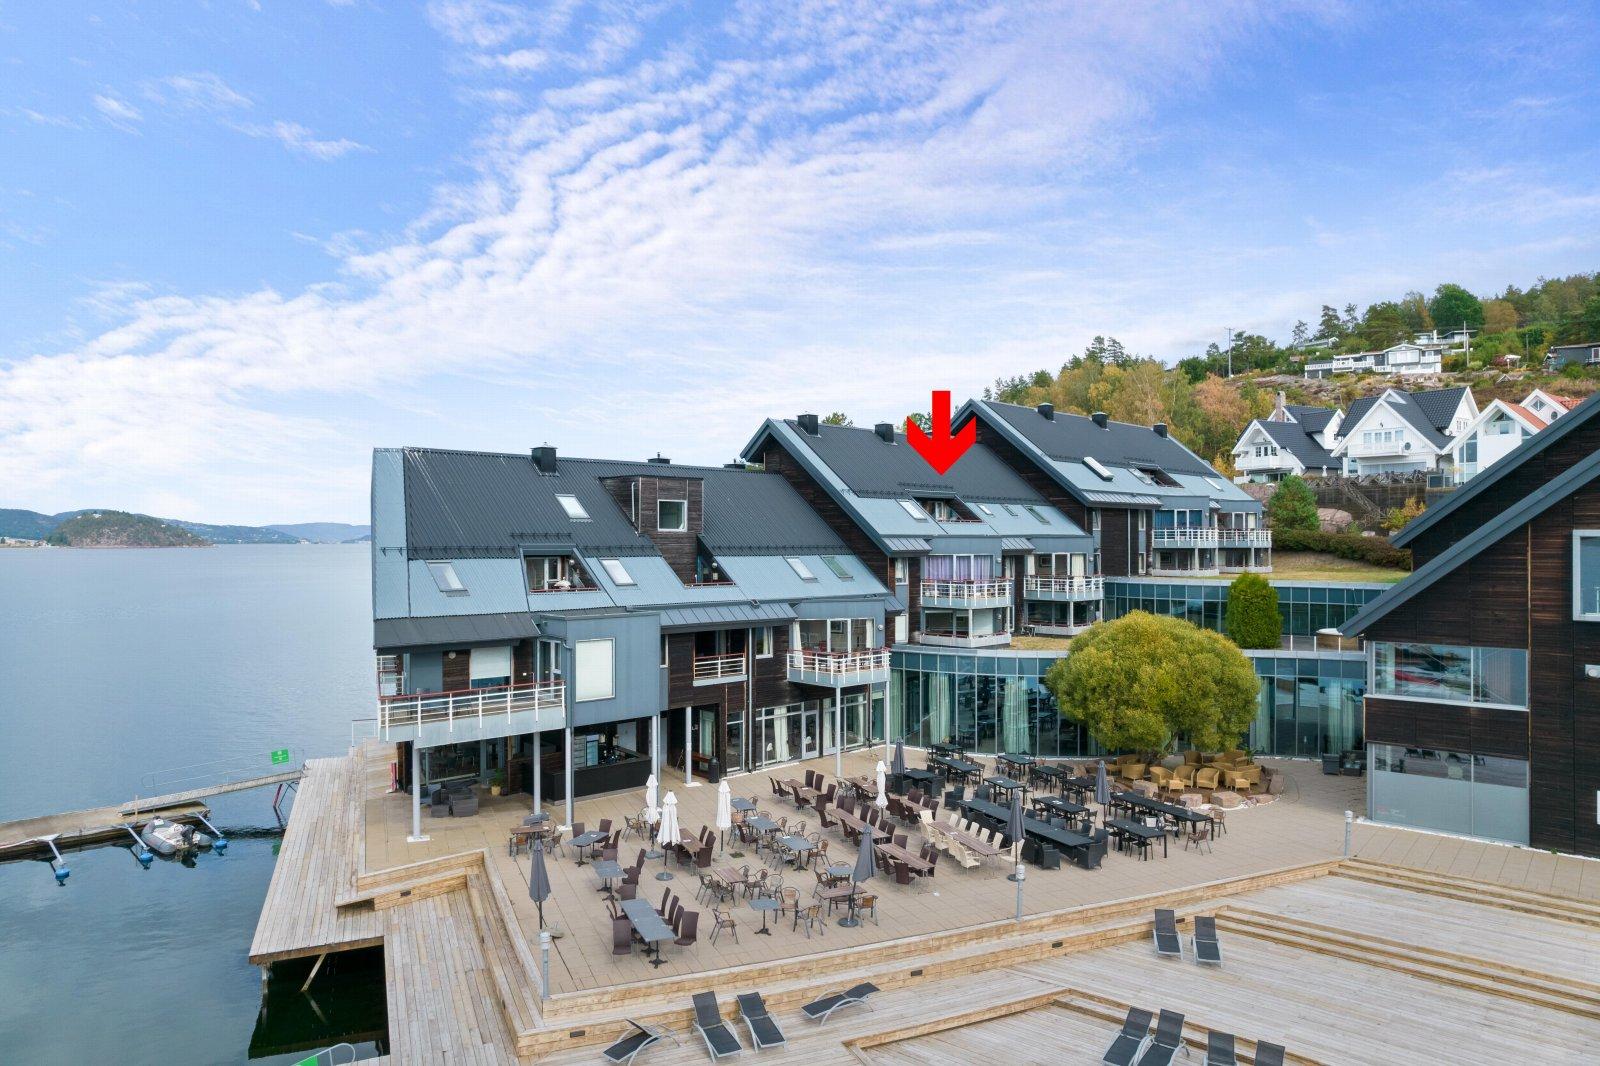 Velkommen til Holtnes brygge - Leilighet med 2 soverom - 3 bad - Terrasse med utsikt - Parkeringsplass!